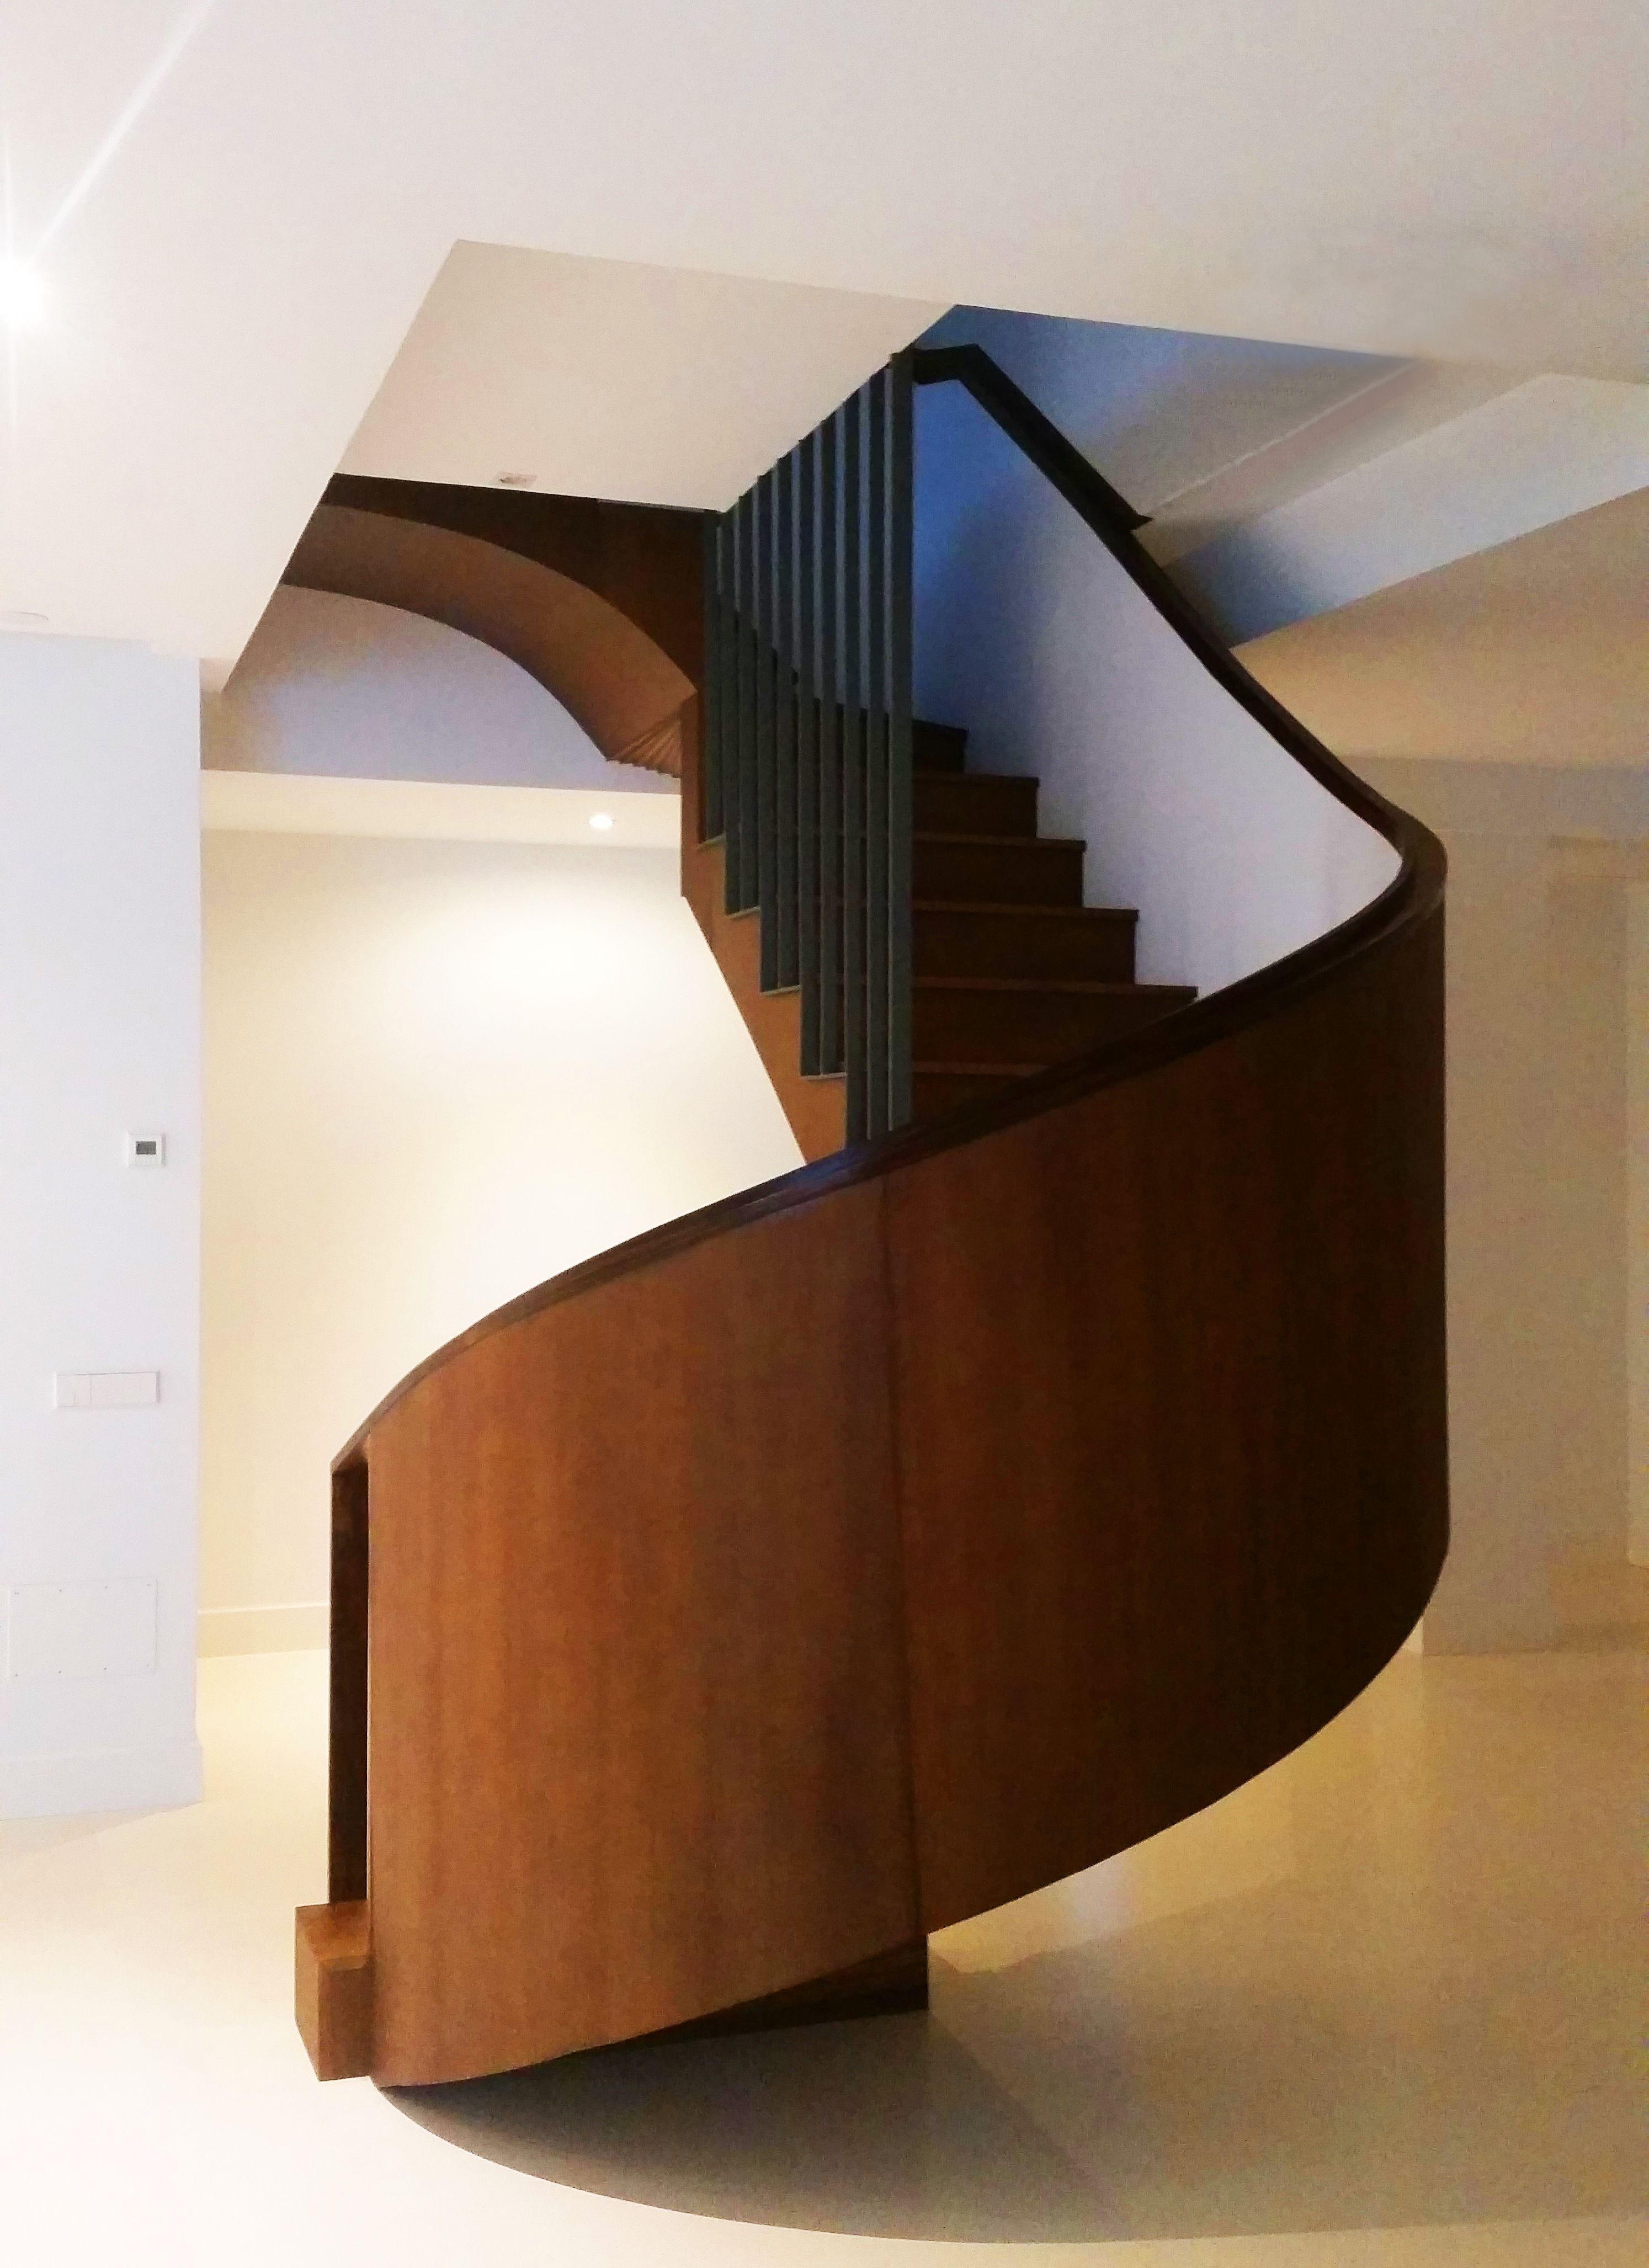 Escalera curva de madera - Escalera madera ...